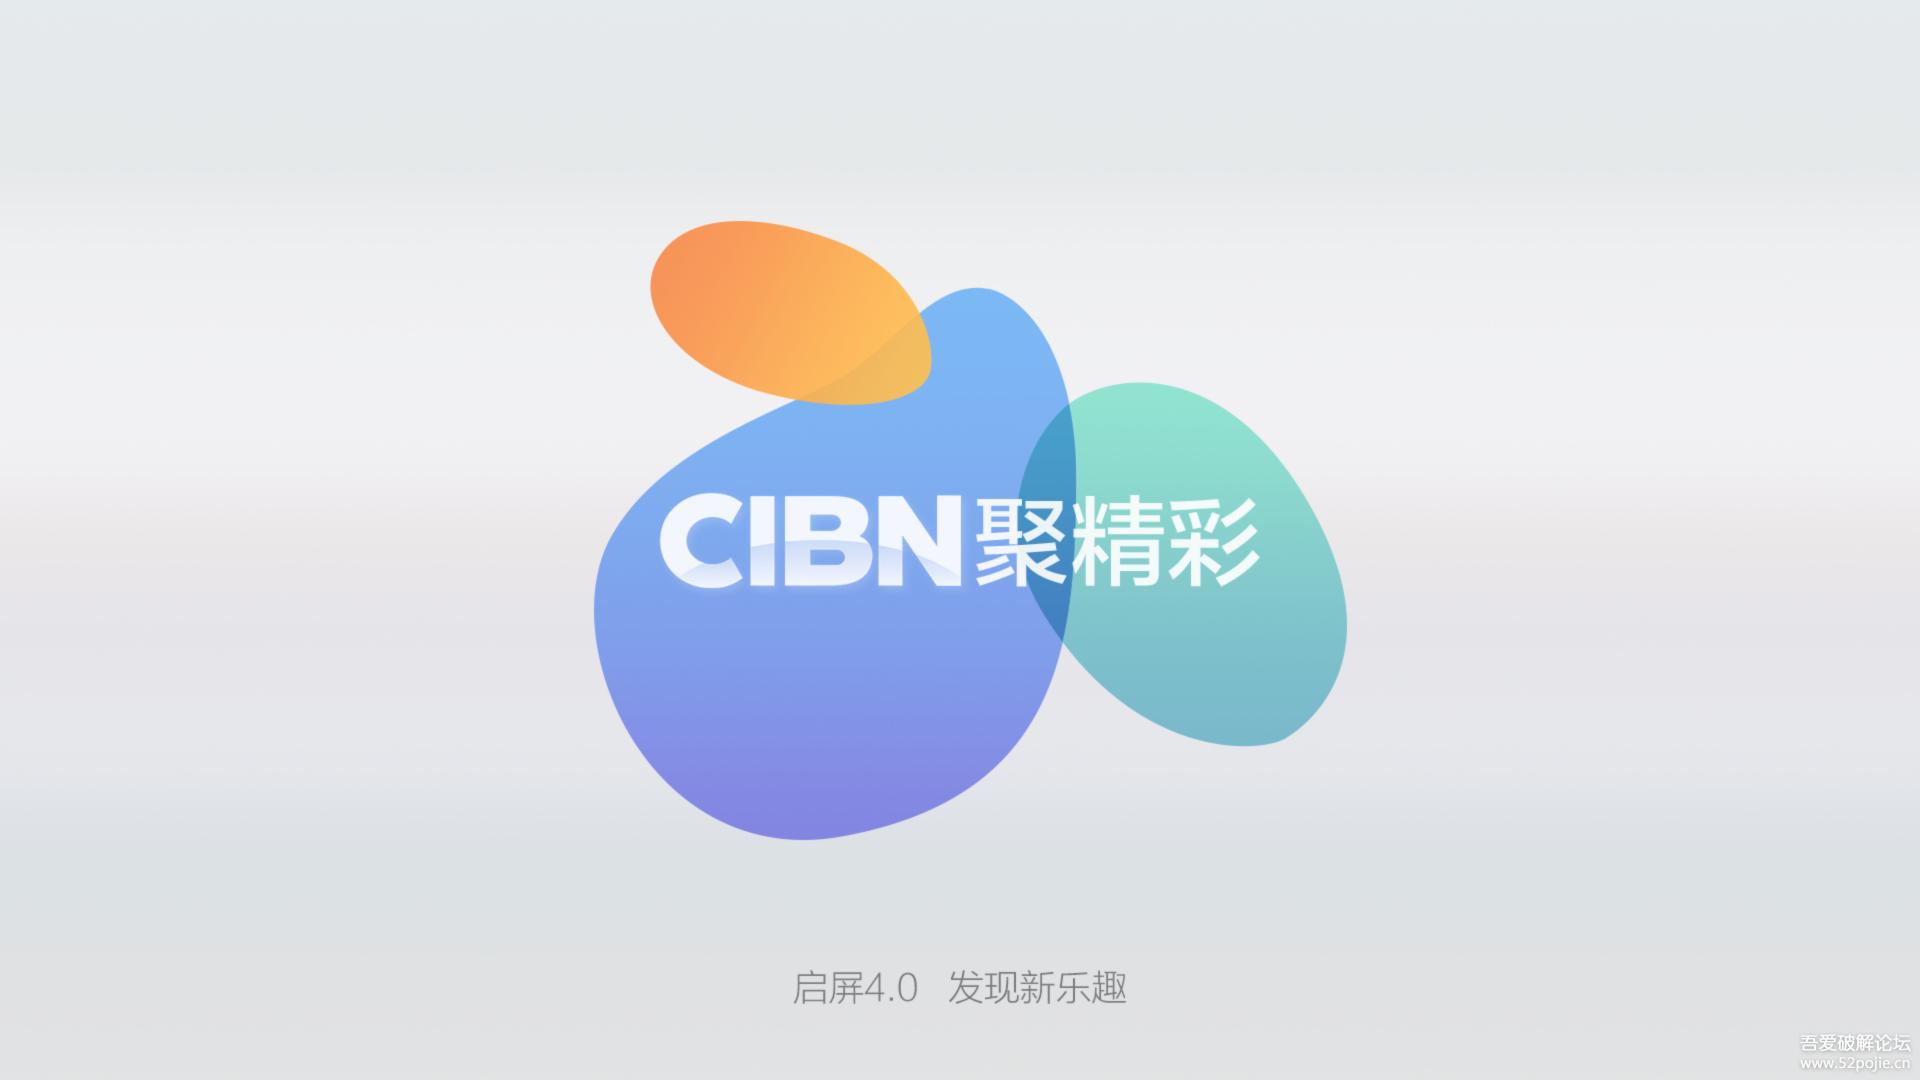 CIBN聚精彩评测体验:独家资源 海量放送